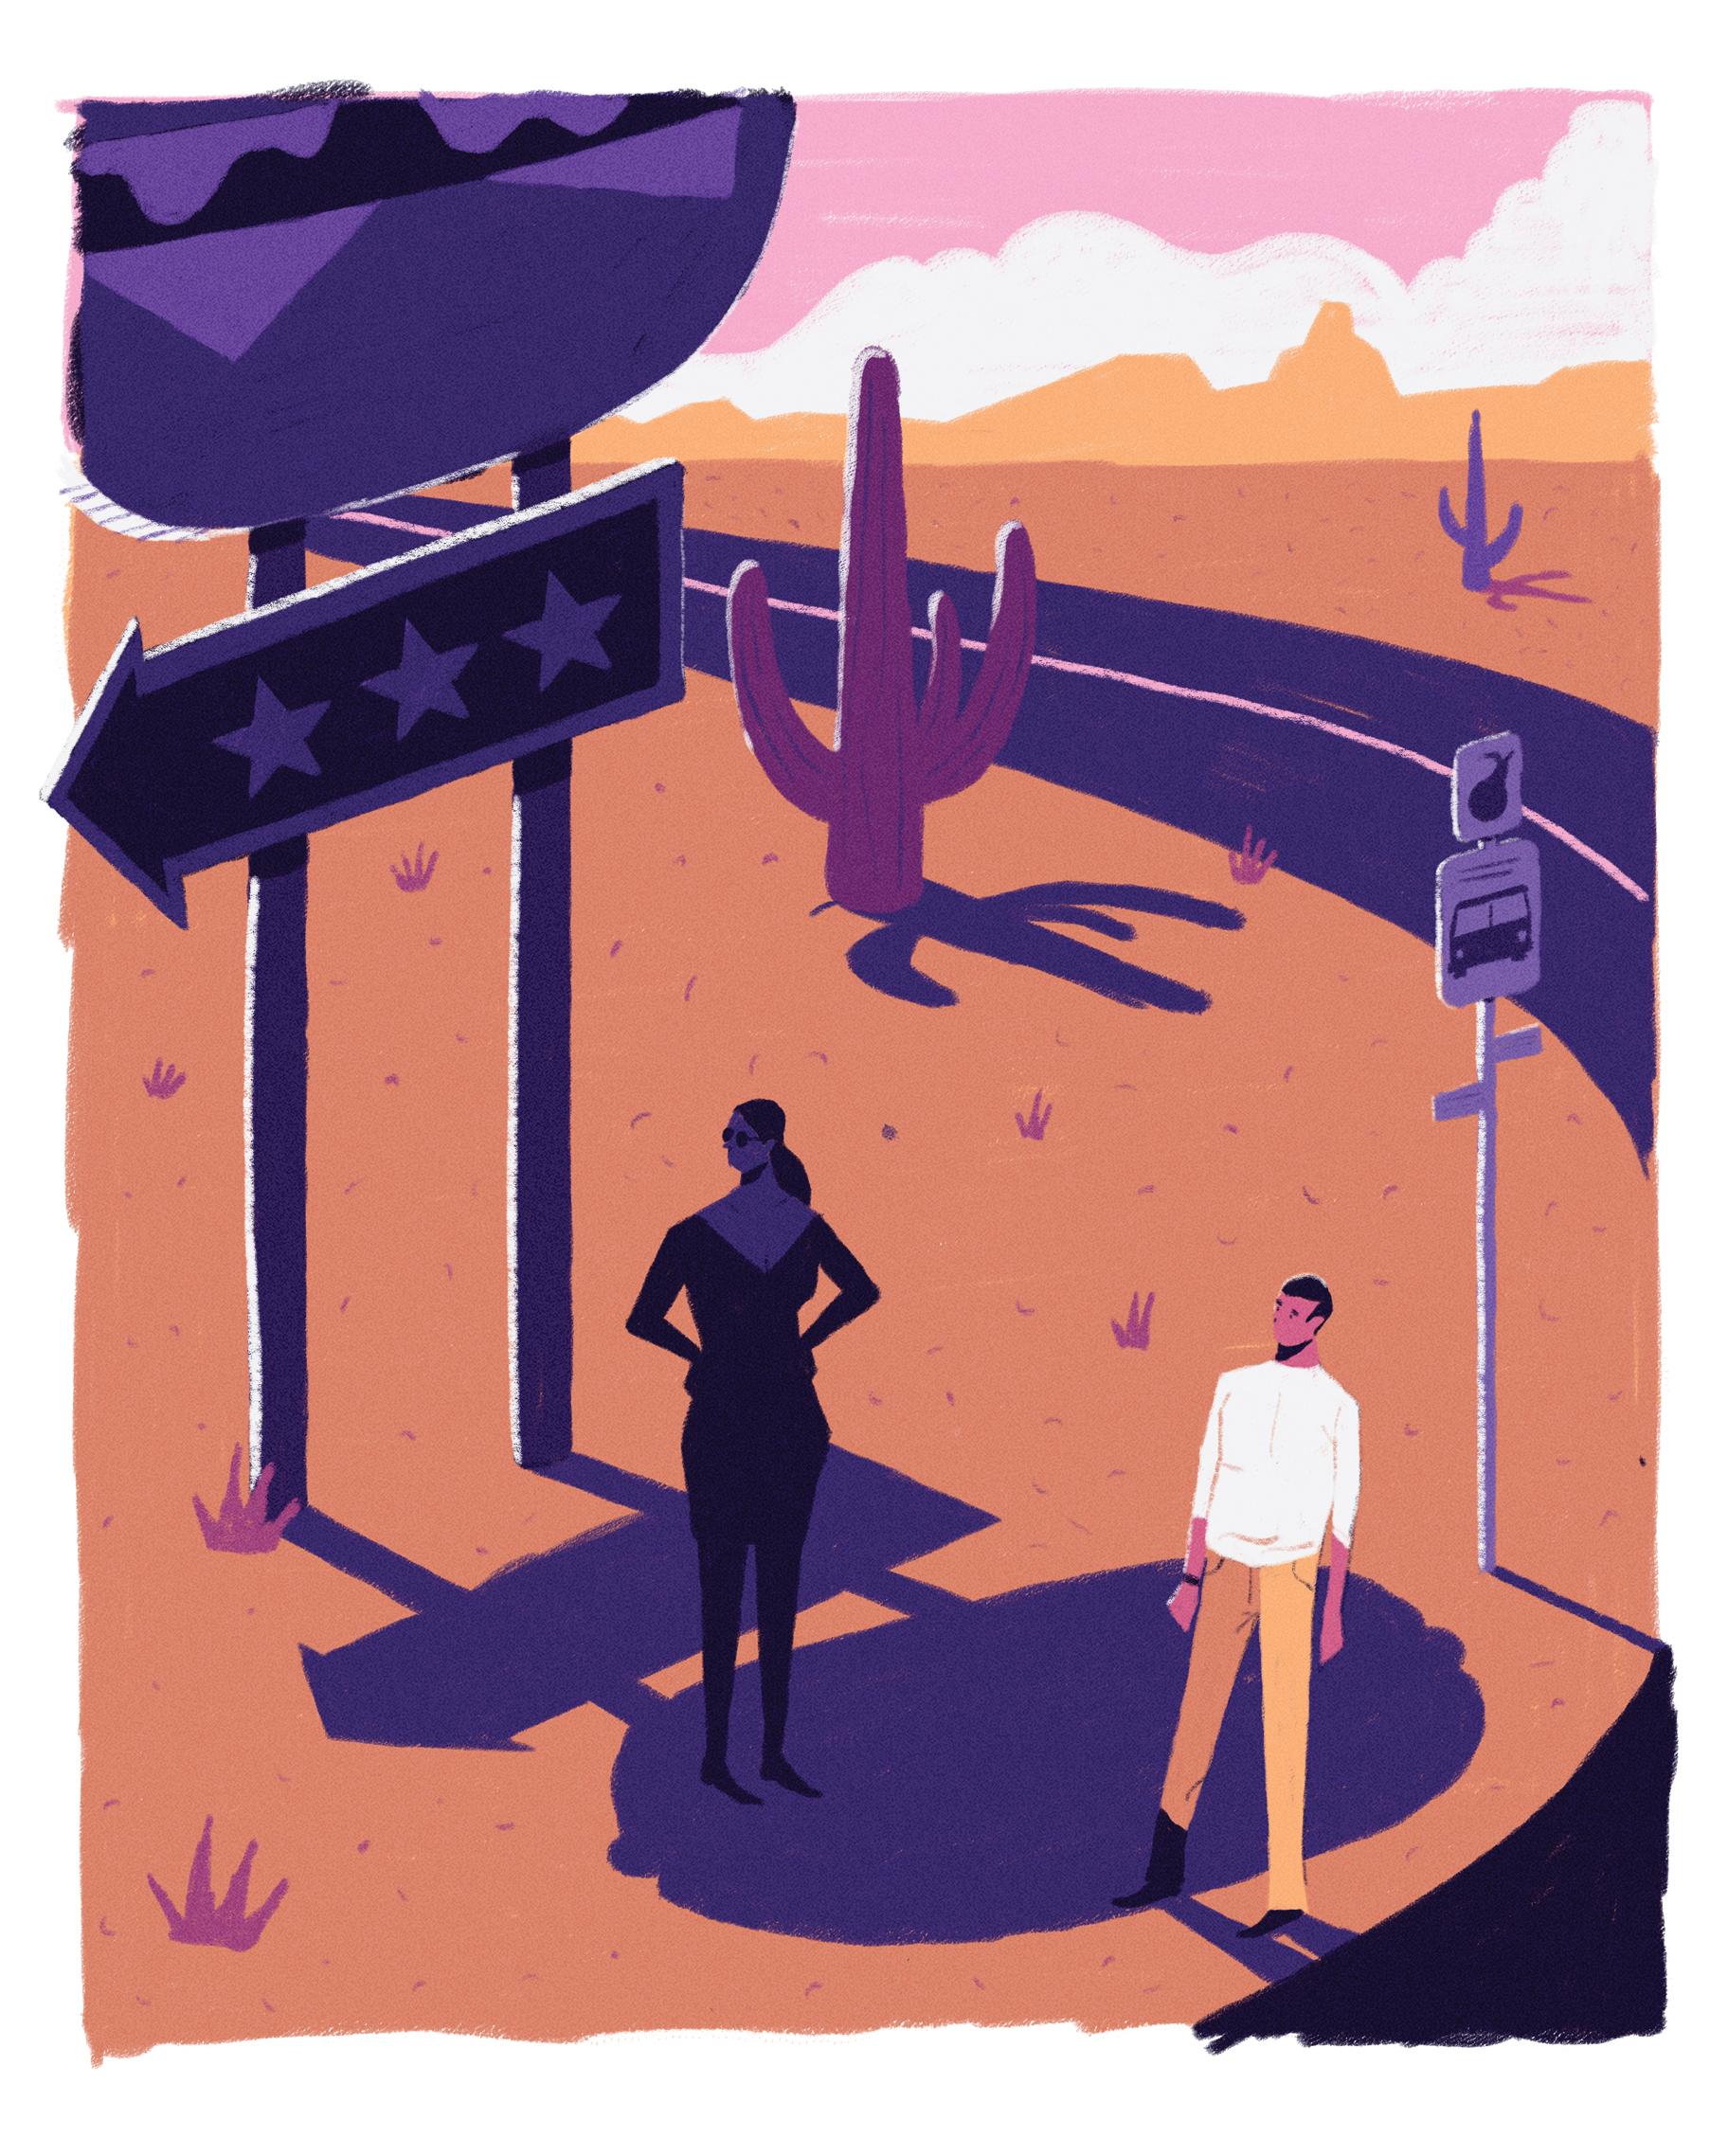 dale edwin murray freelance illustrator diabetes forecast magazine illustration